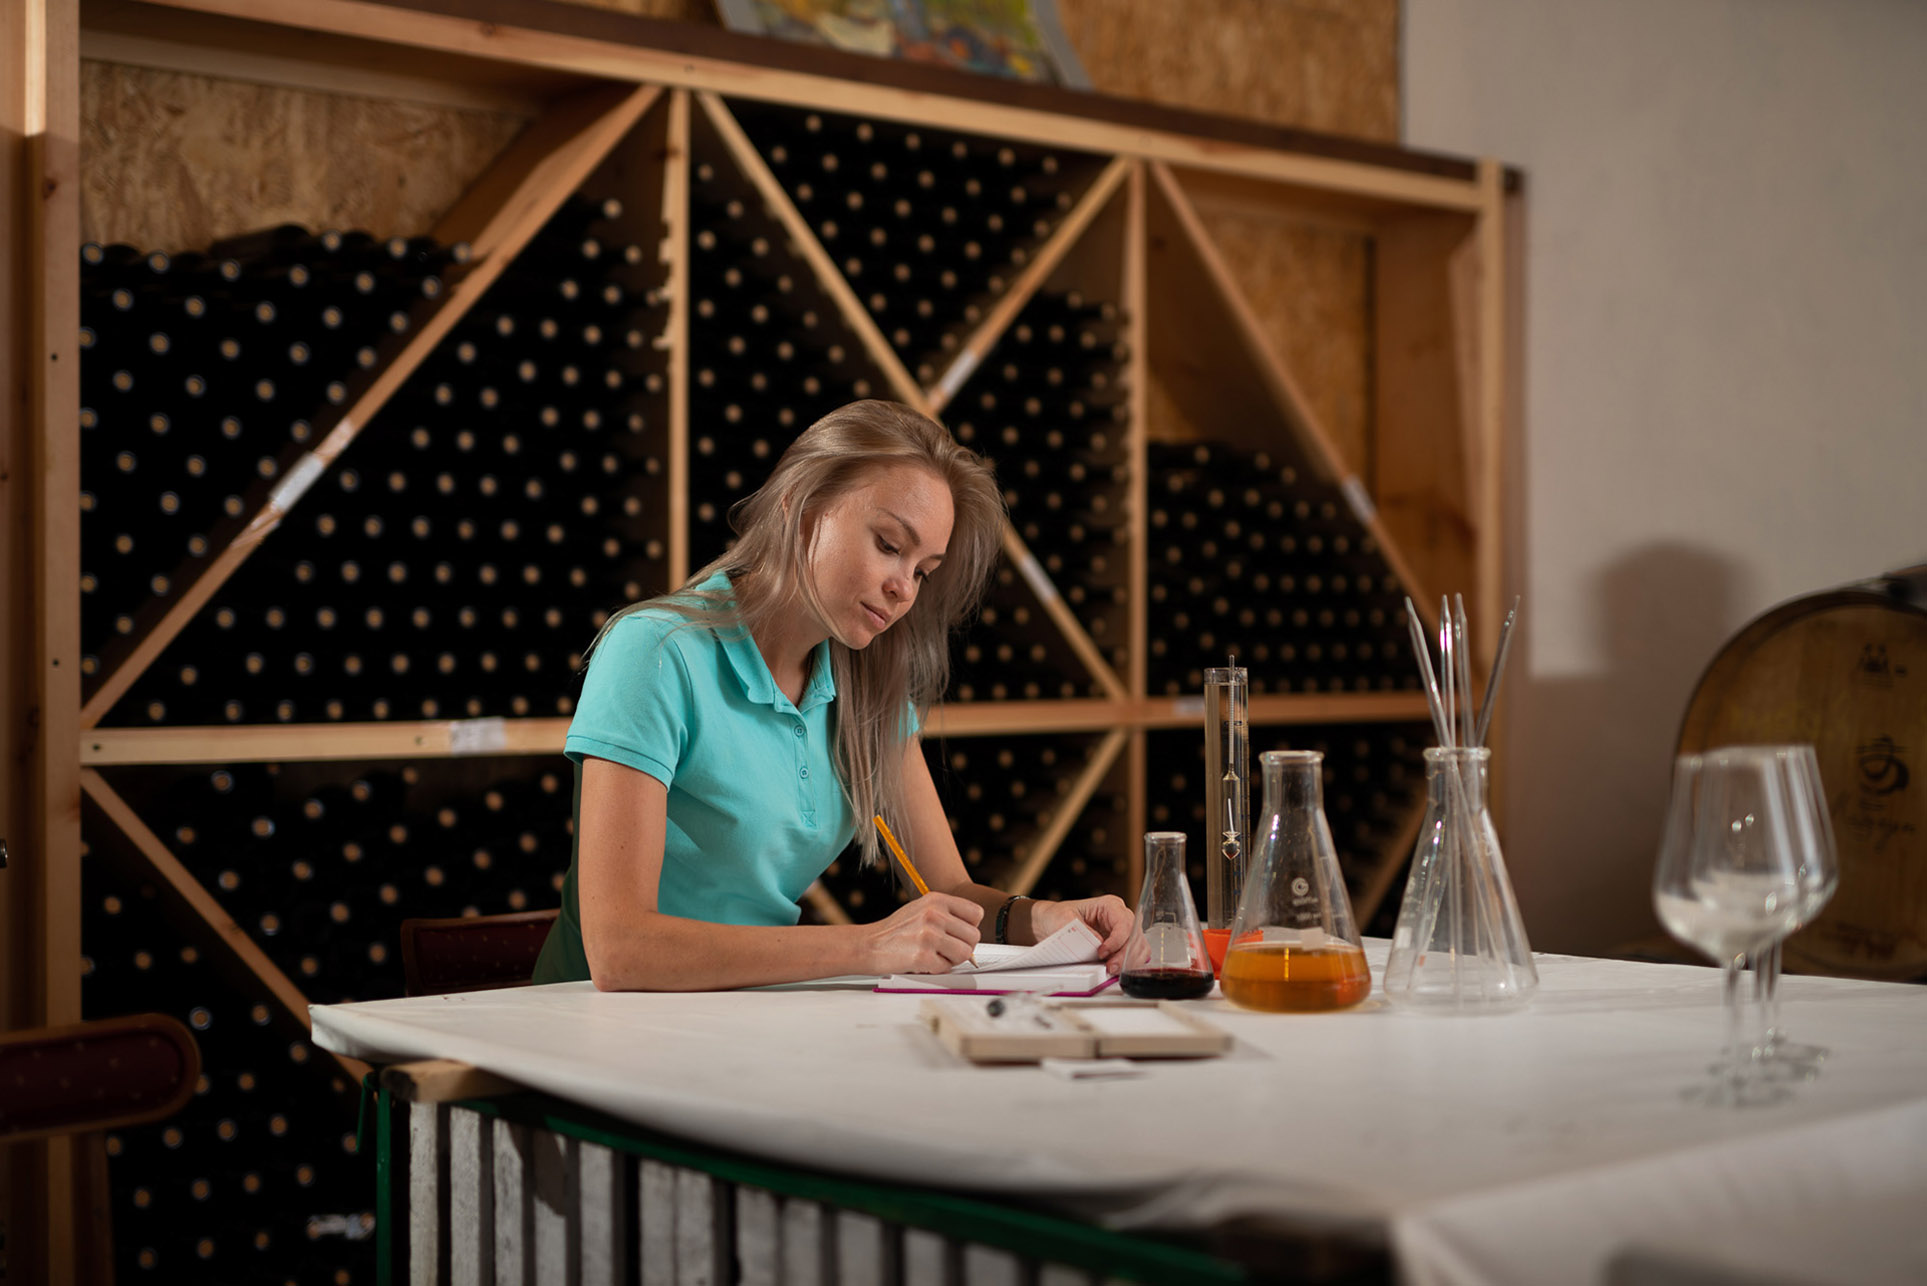 виноделы - сбор урожая и изготовление вина / фото 20